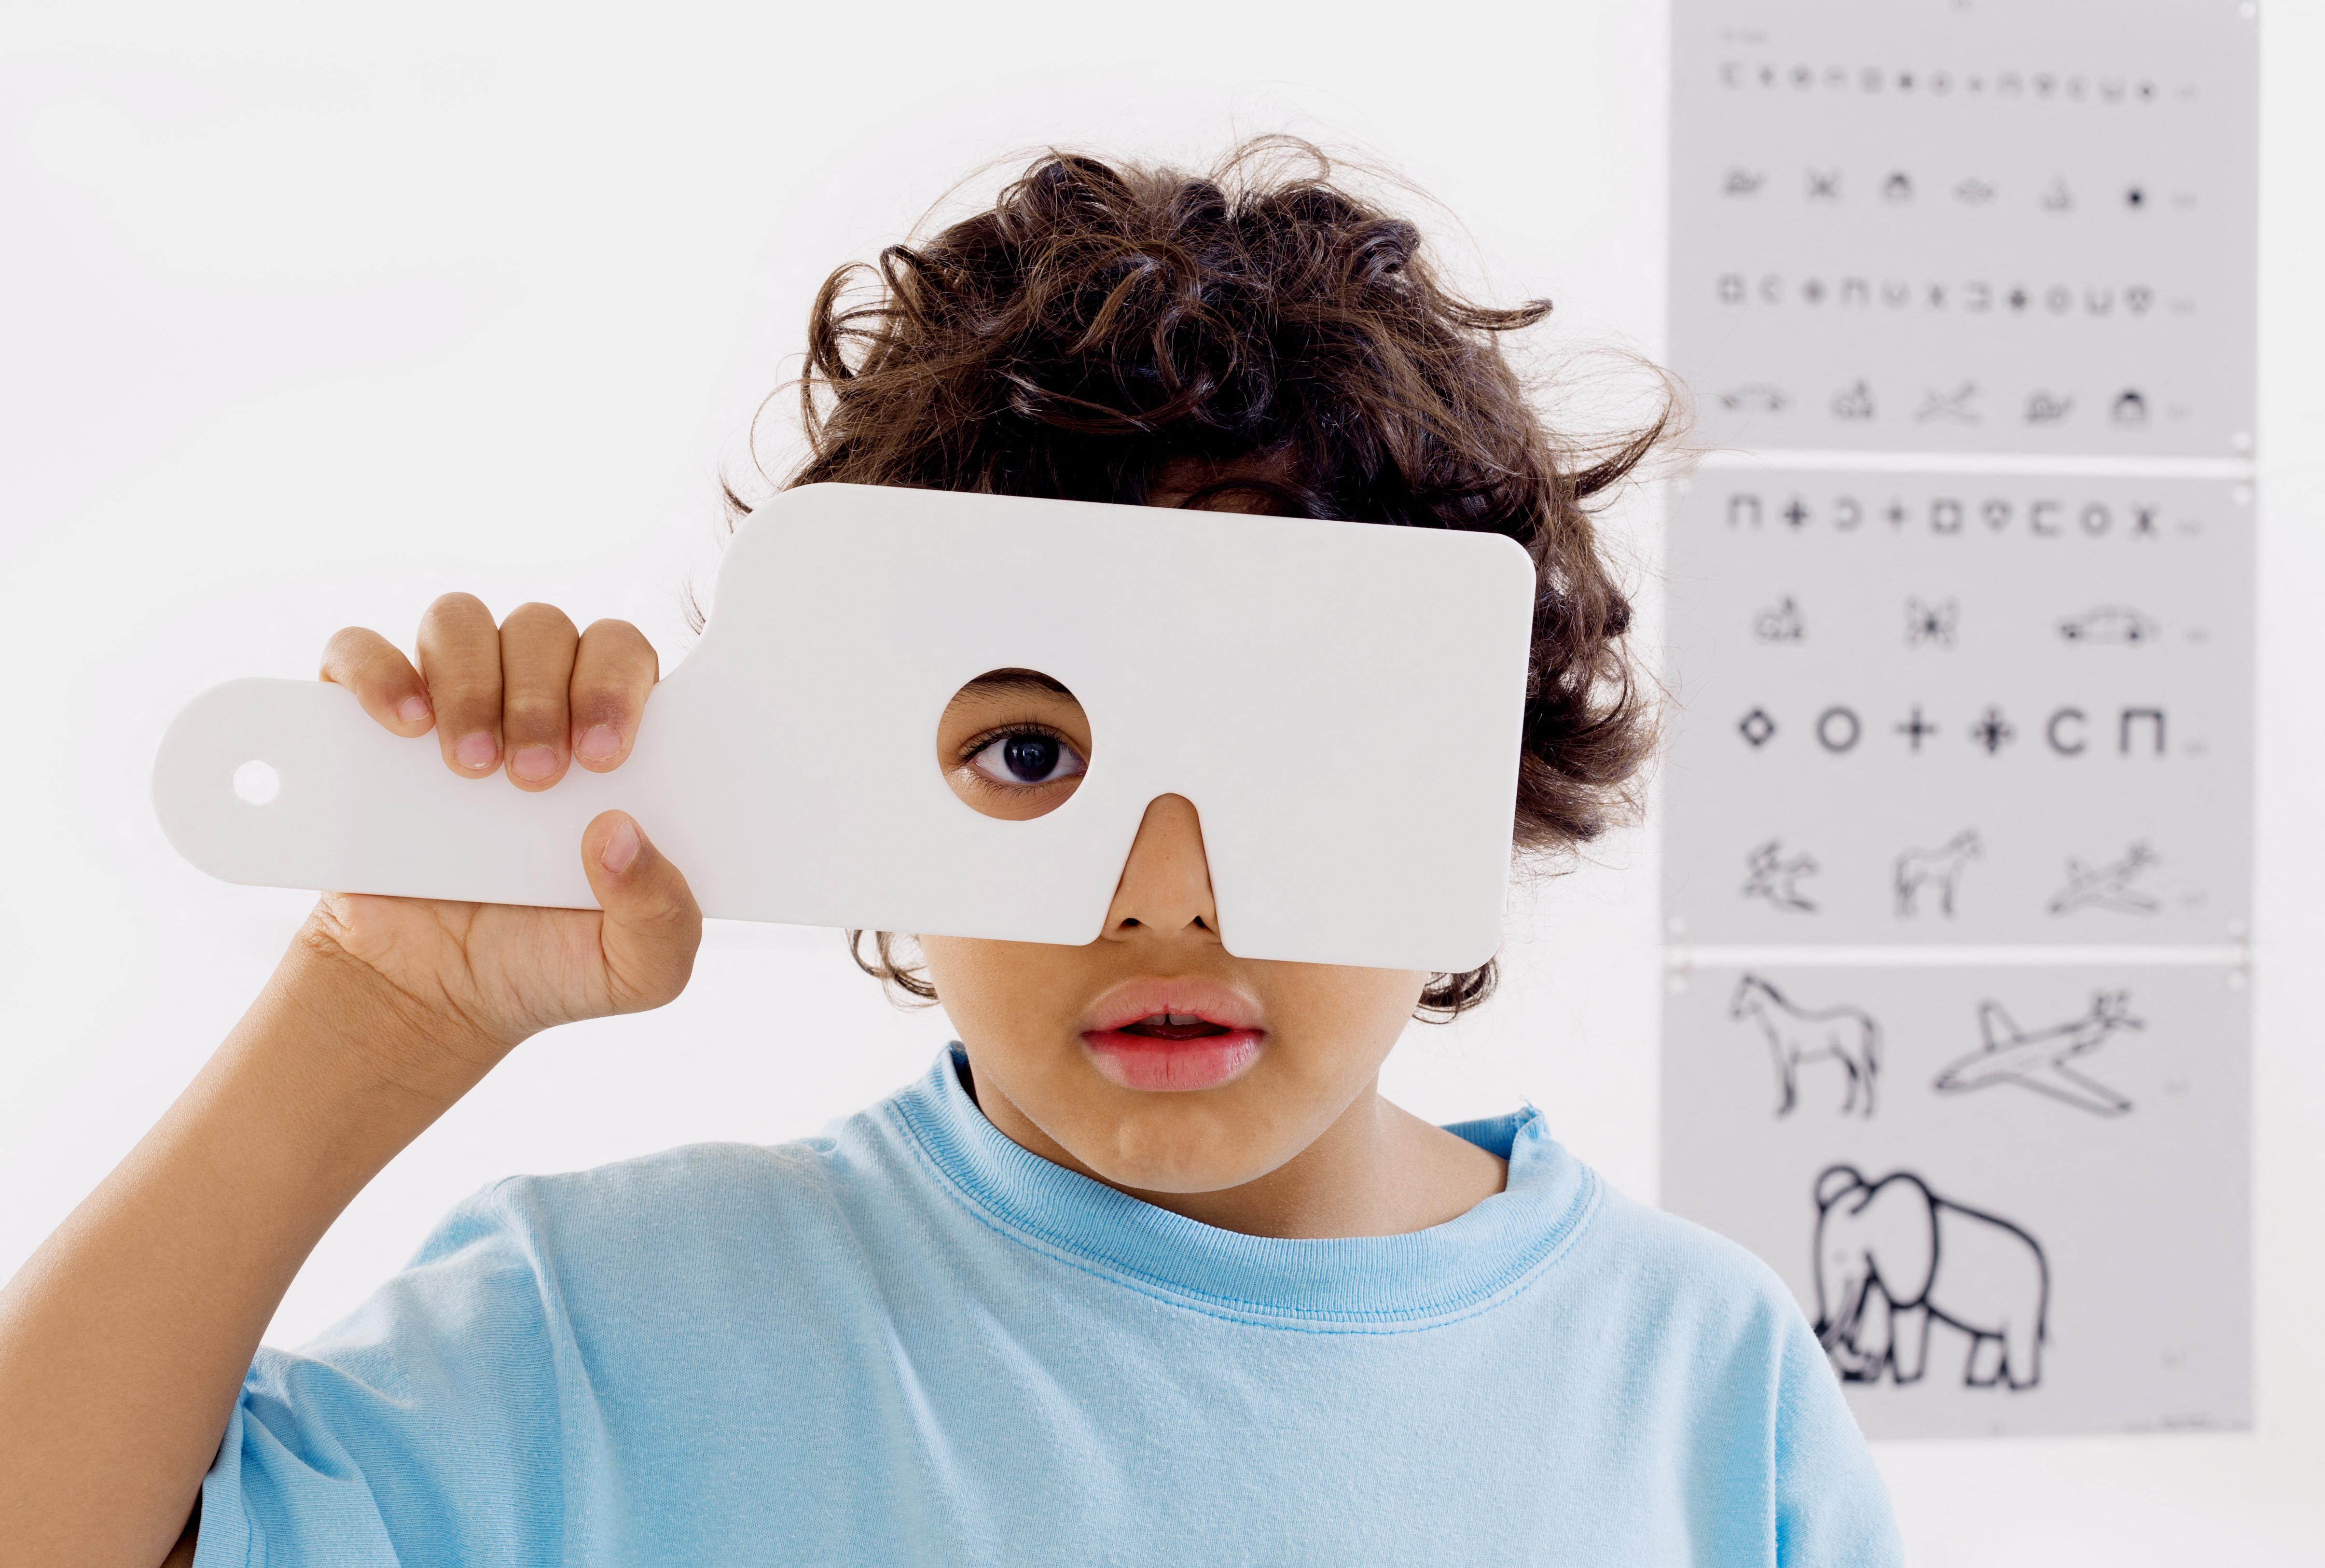 Járványszerűen terjed a gyerekkori rövidlátás a karanténidőszakban